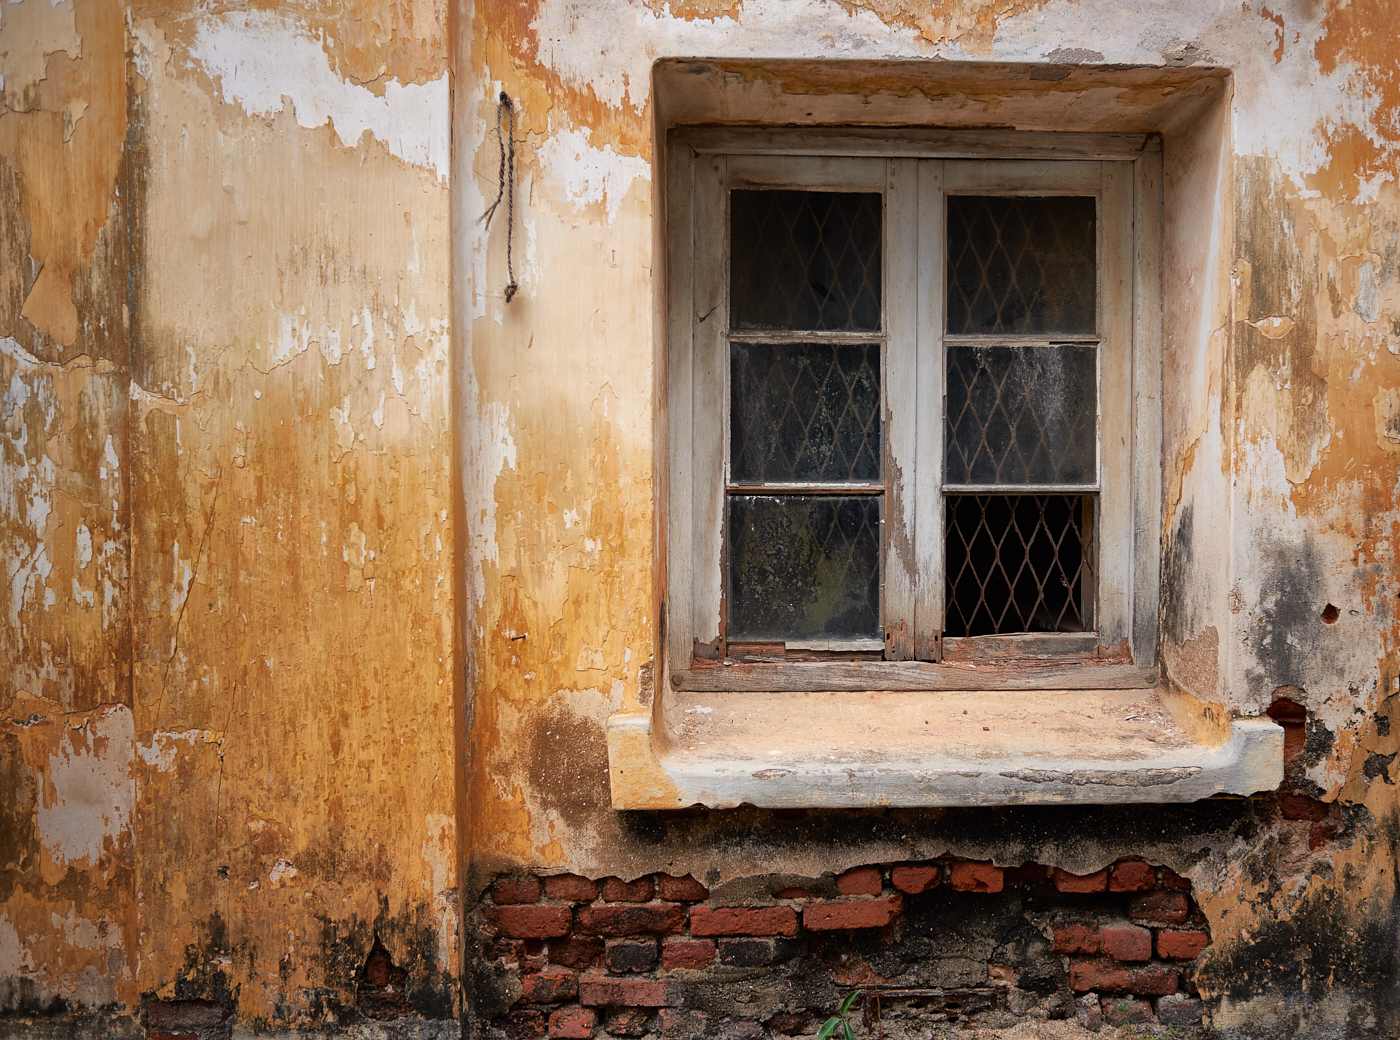 Crumbly walls 1